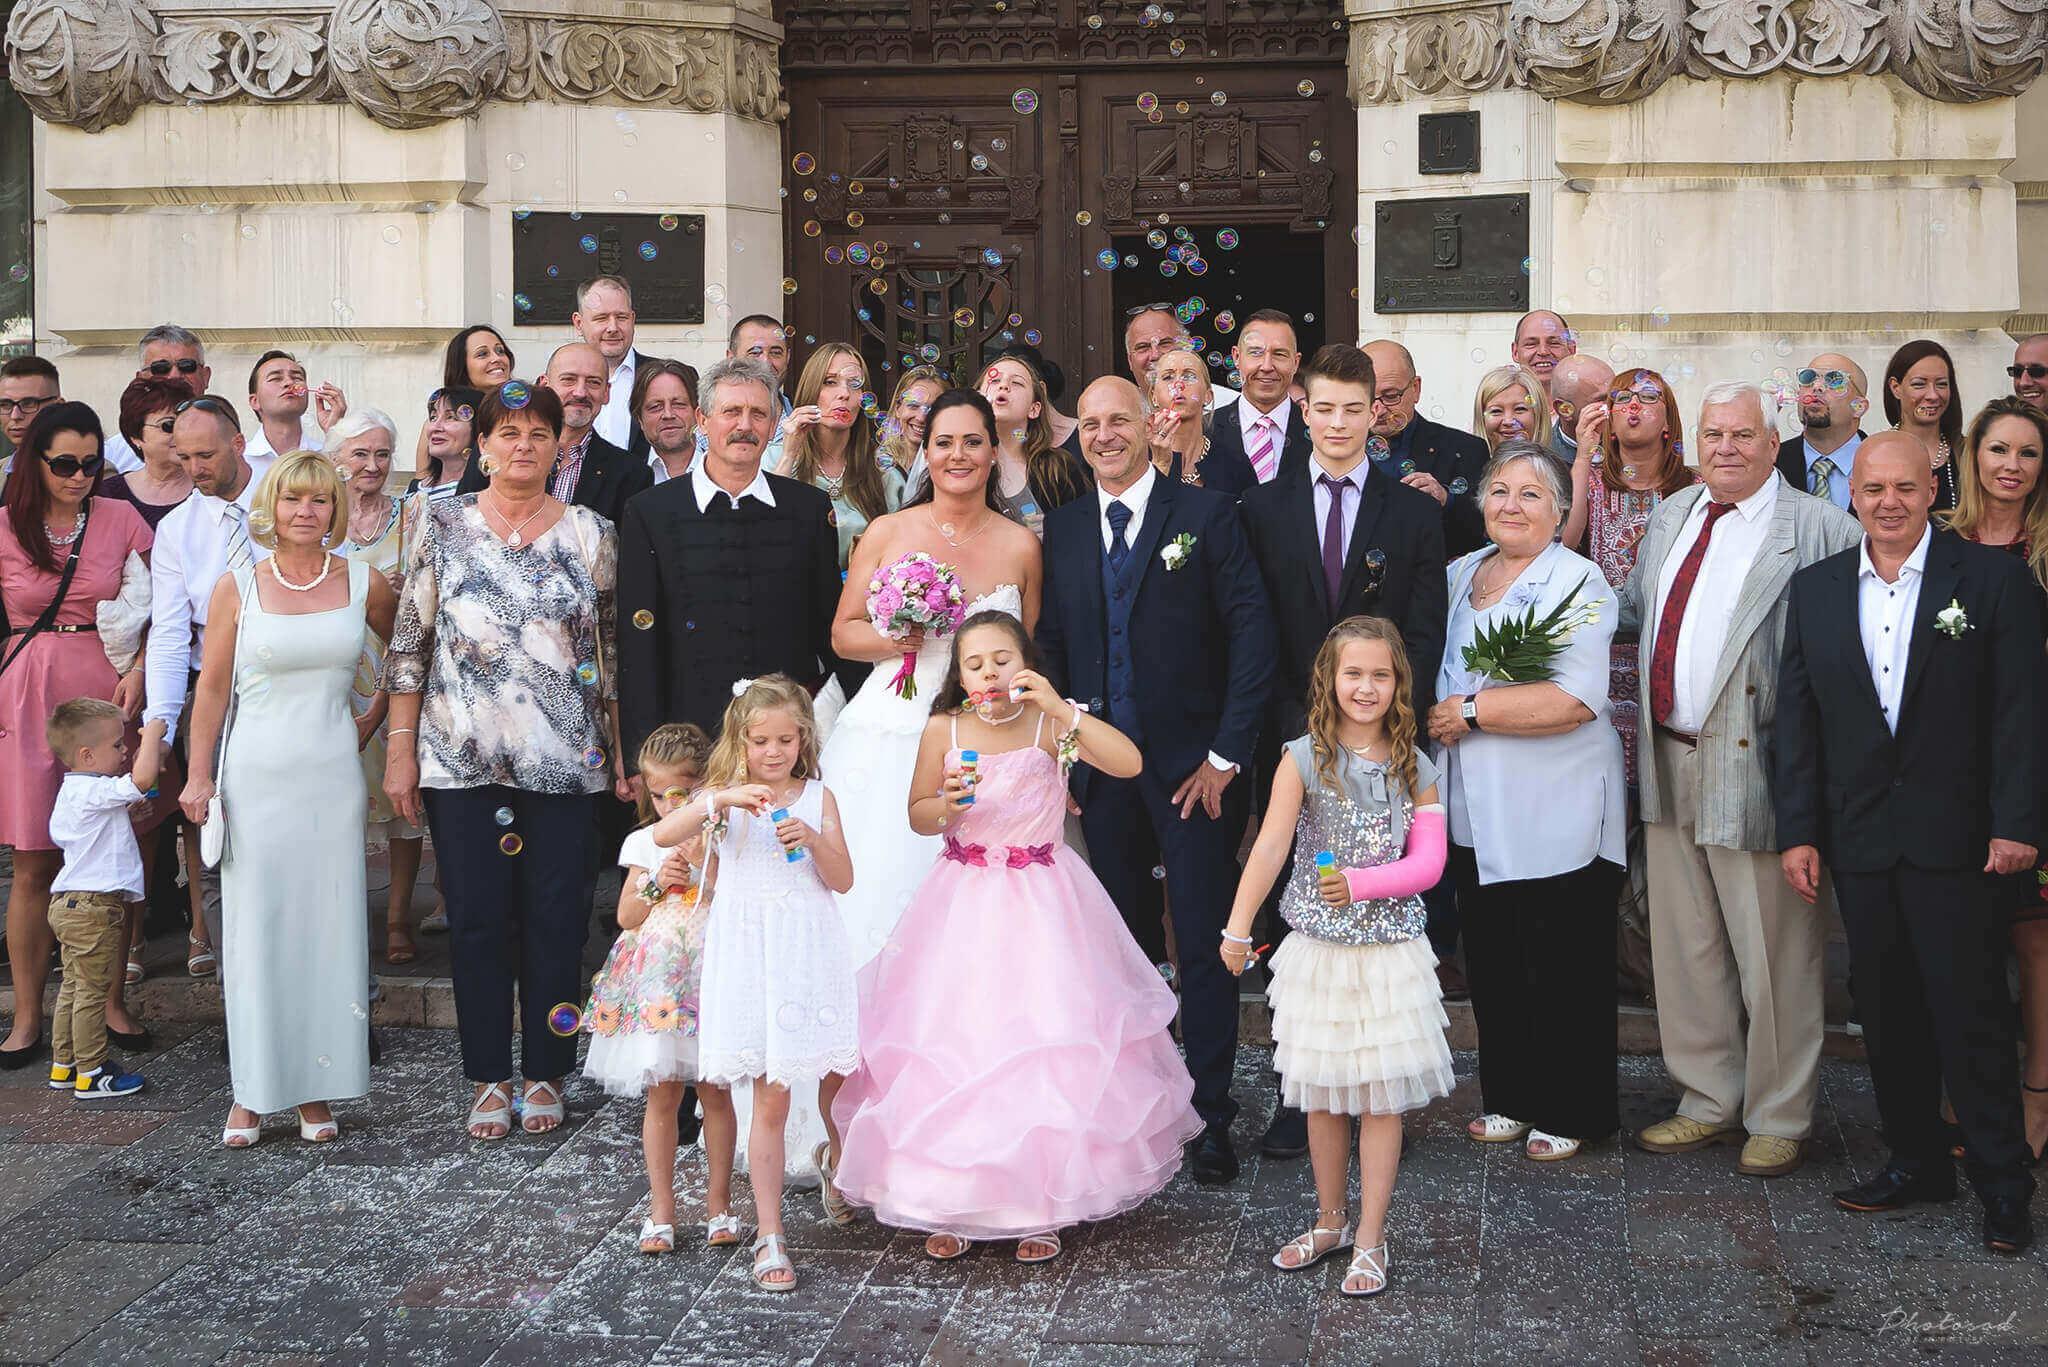 Esküvő csoportkép a szertatás után